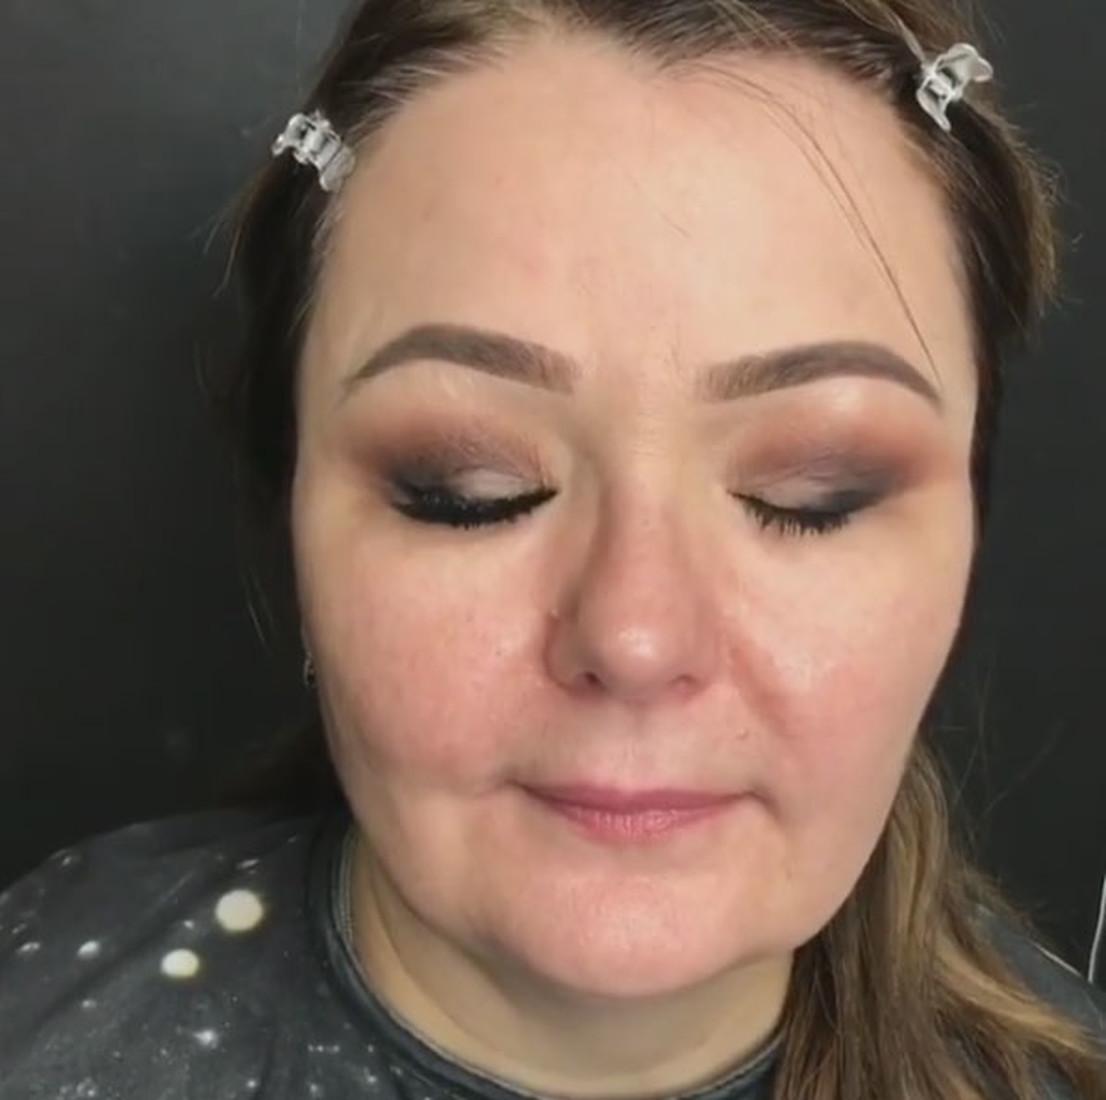 100 лучших идей: Красивый вечерний макияж на фото 17